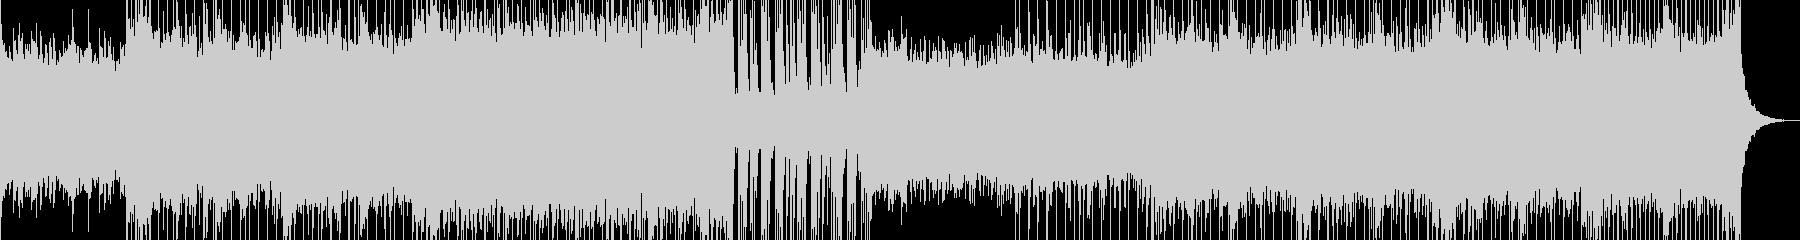 軽快なピアノポップの未再生の波形